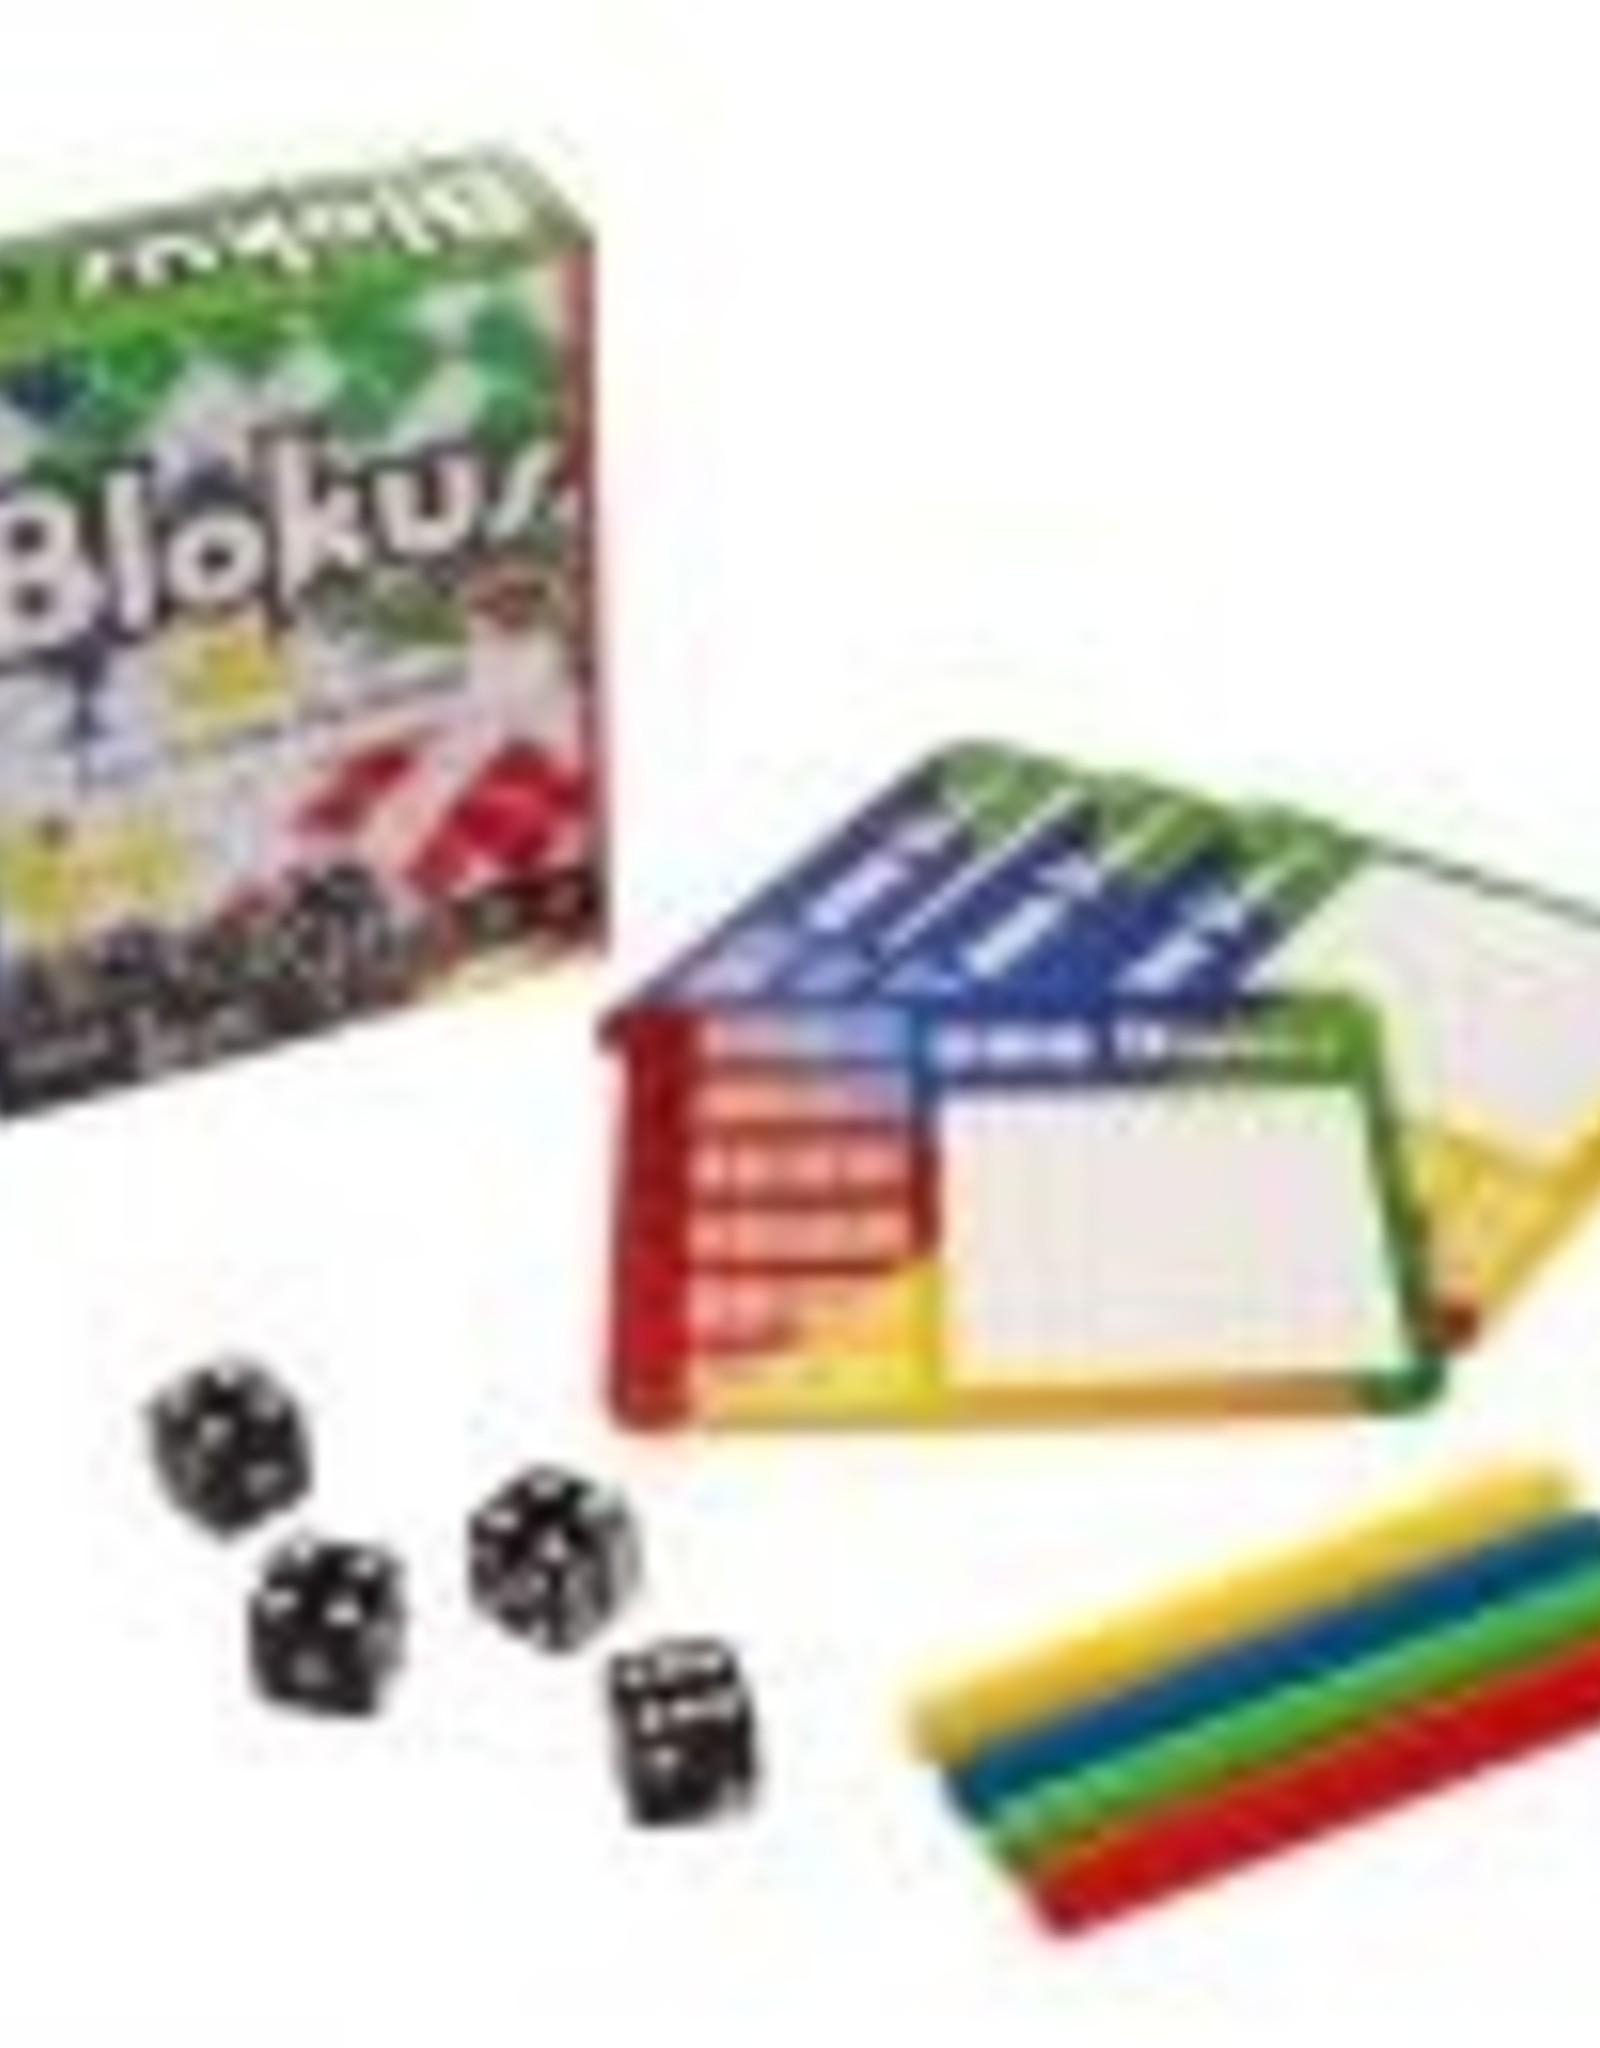 Mattel Blokus: Roll & Write Dice Game